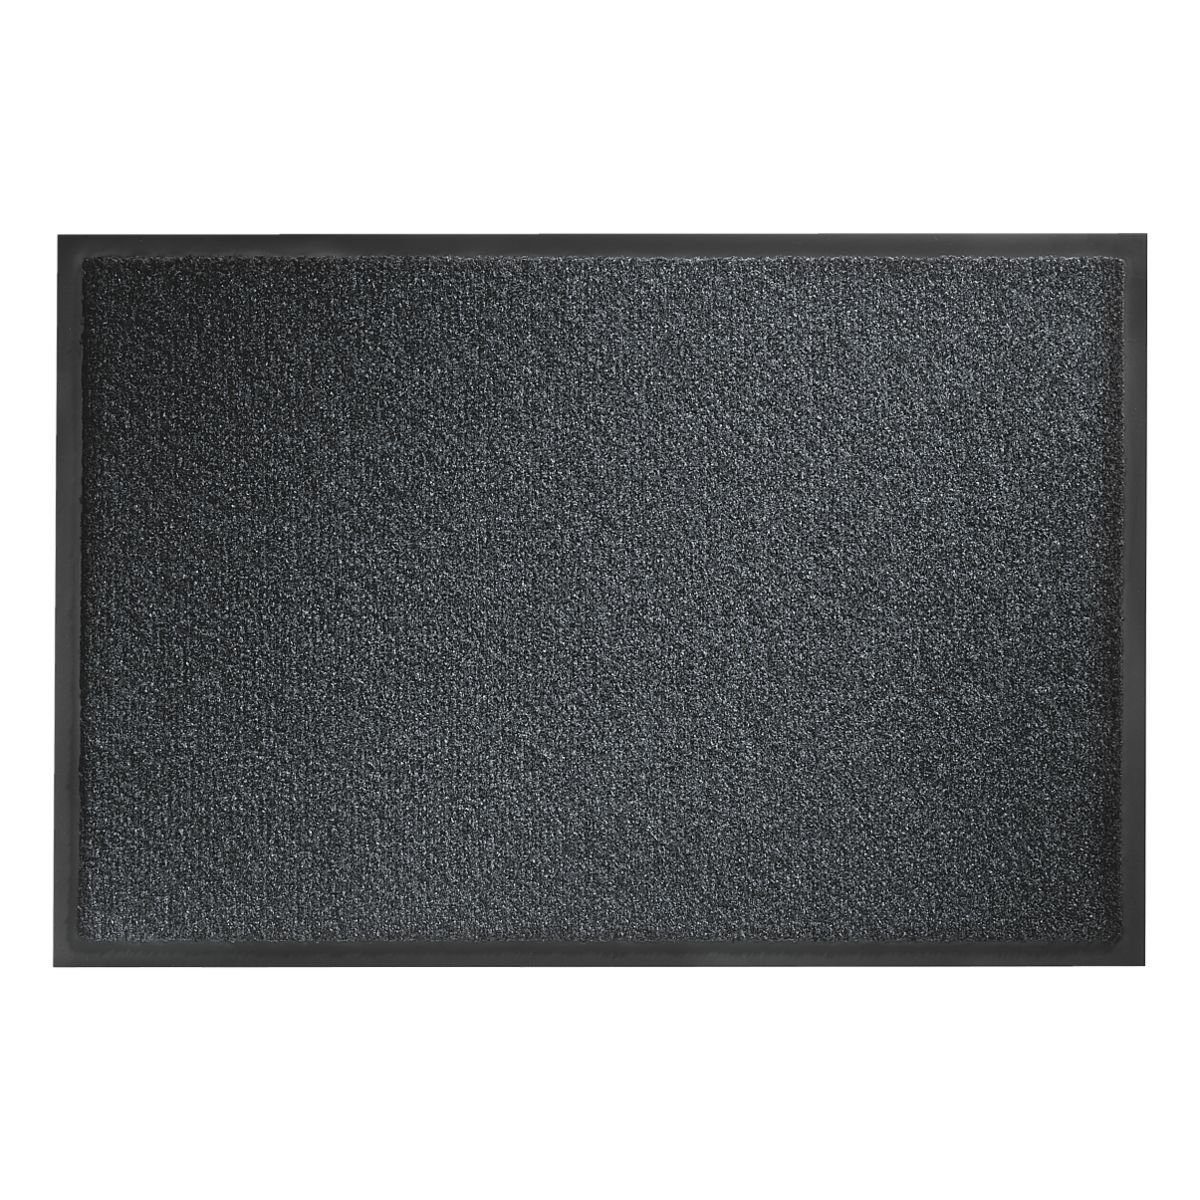 Fußmatte 60x90 cm »Portal« | Heimtextilien > Fussmatten | KEINE MARKE